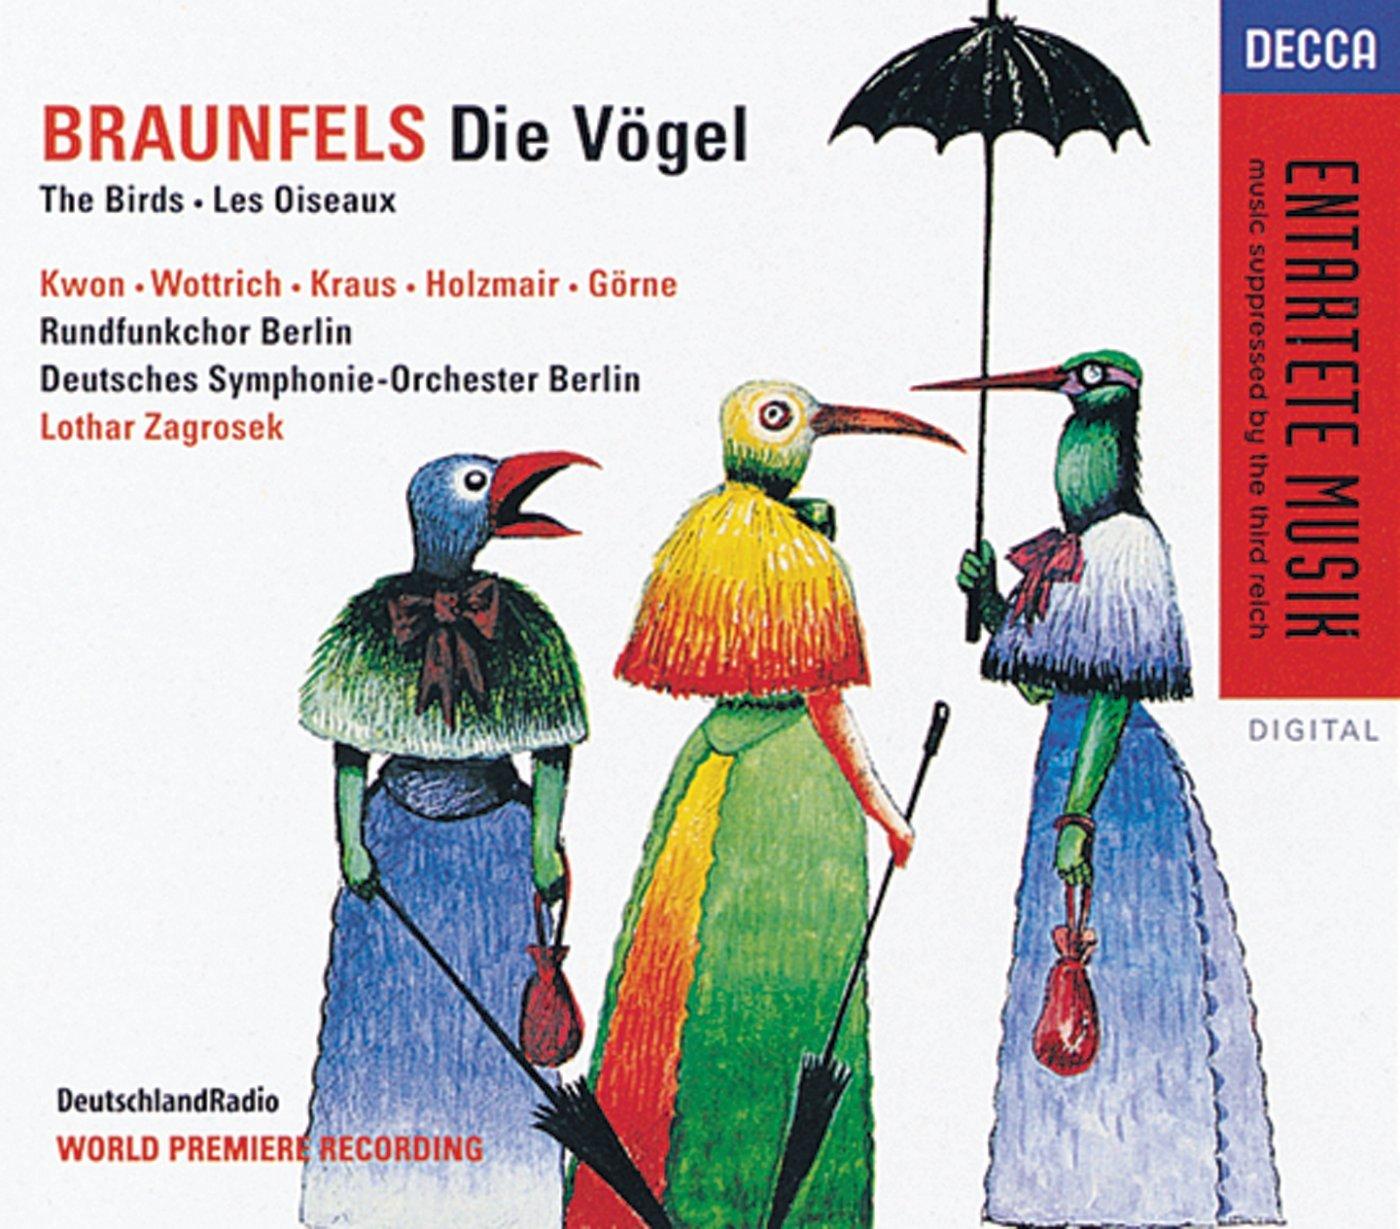 Morceaux inspirés par les Oiseaux 81gmjETmGpL._SL1400_